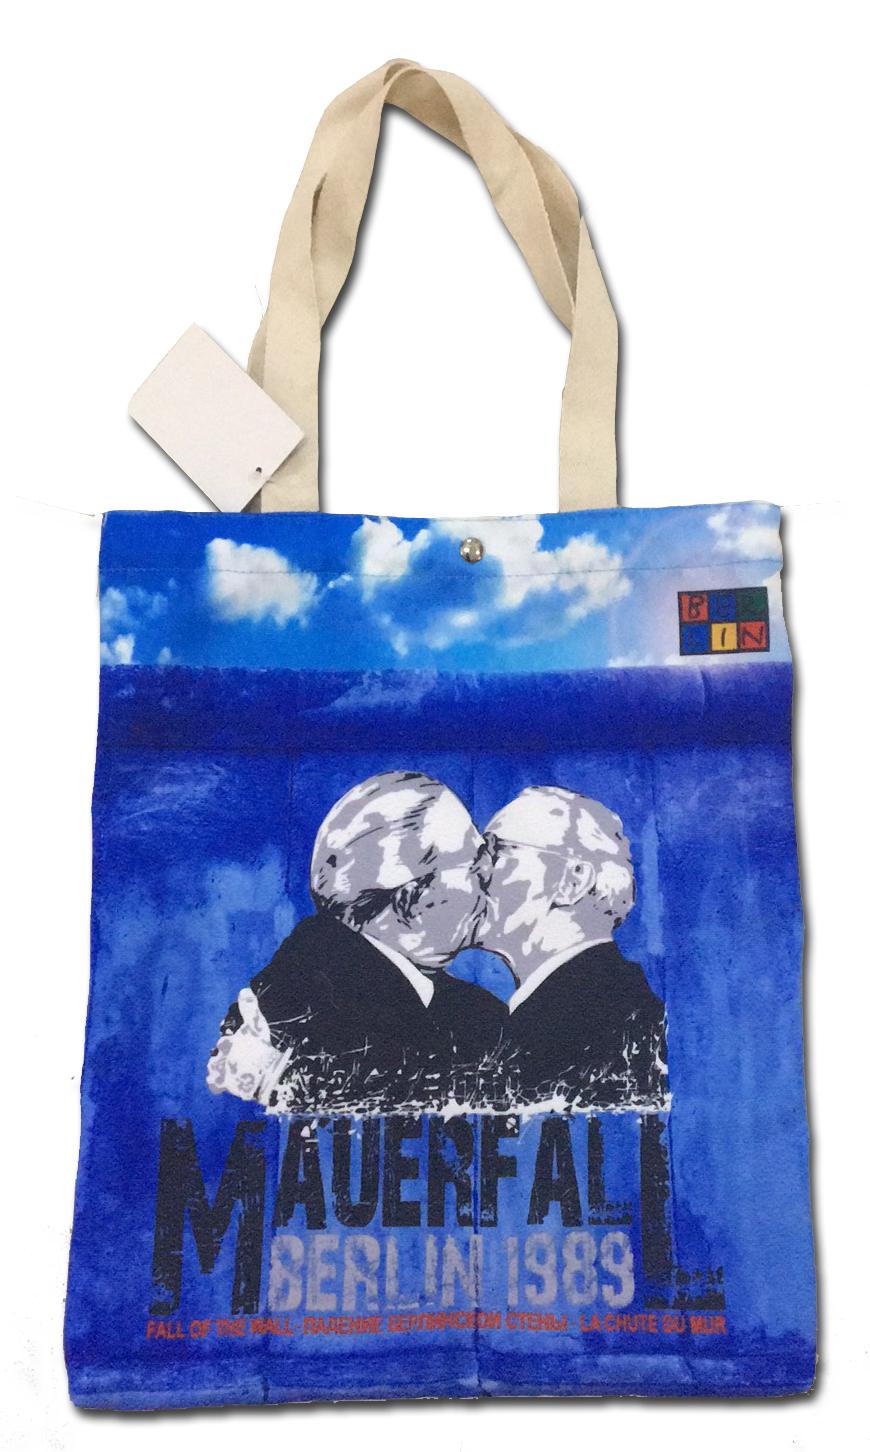 030-0050_Shoppingbag_01